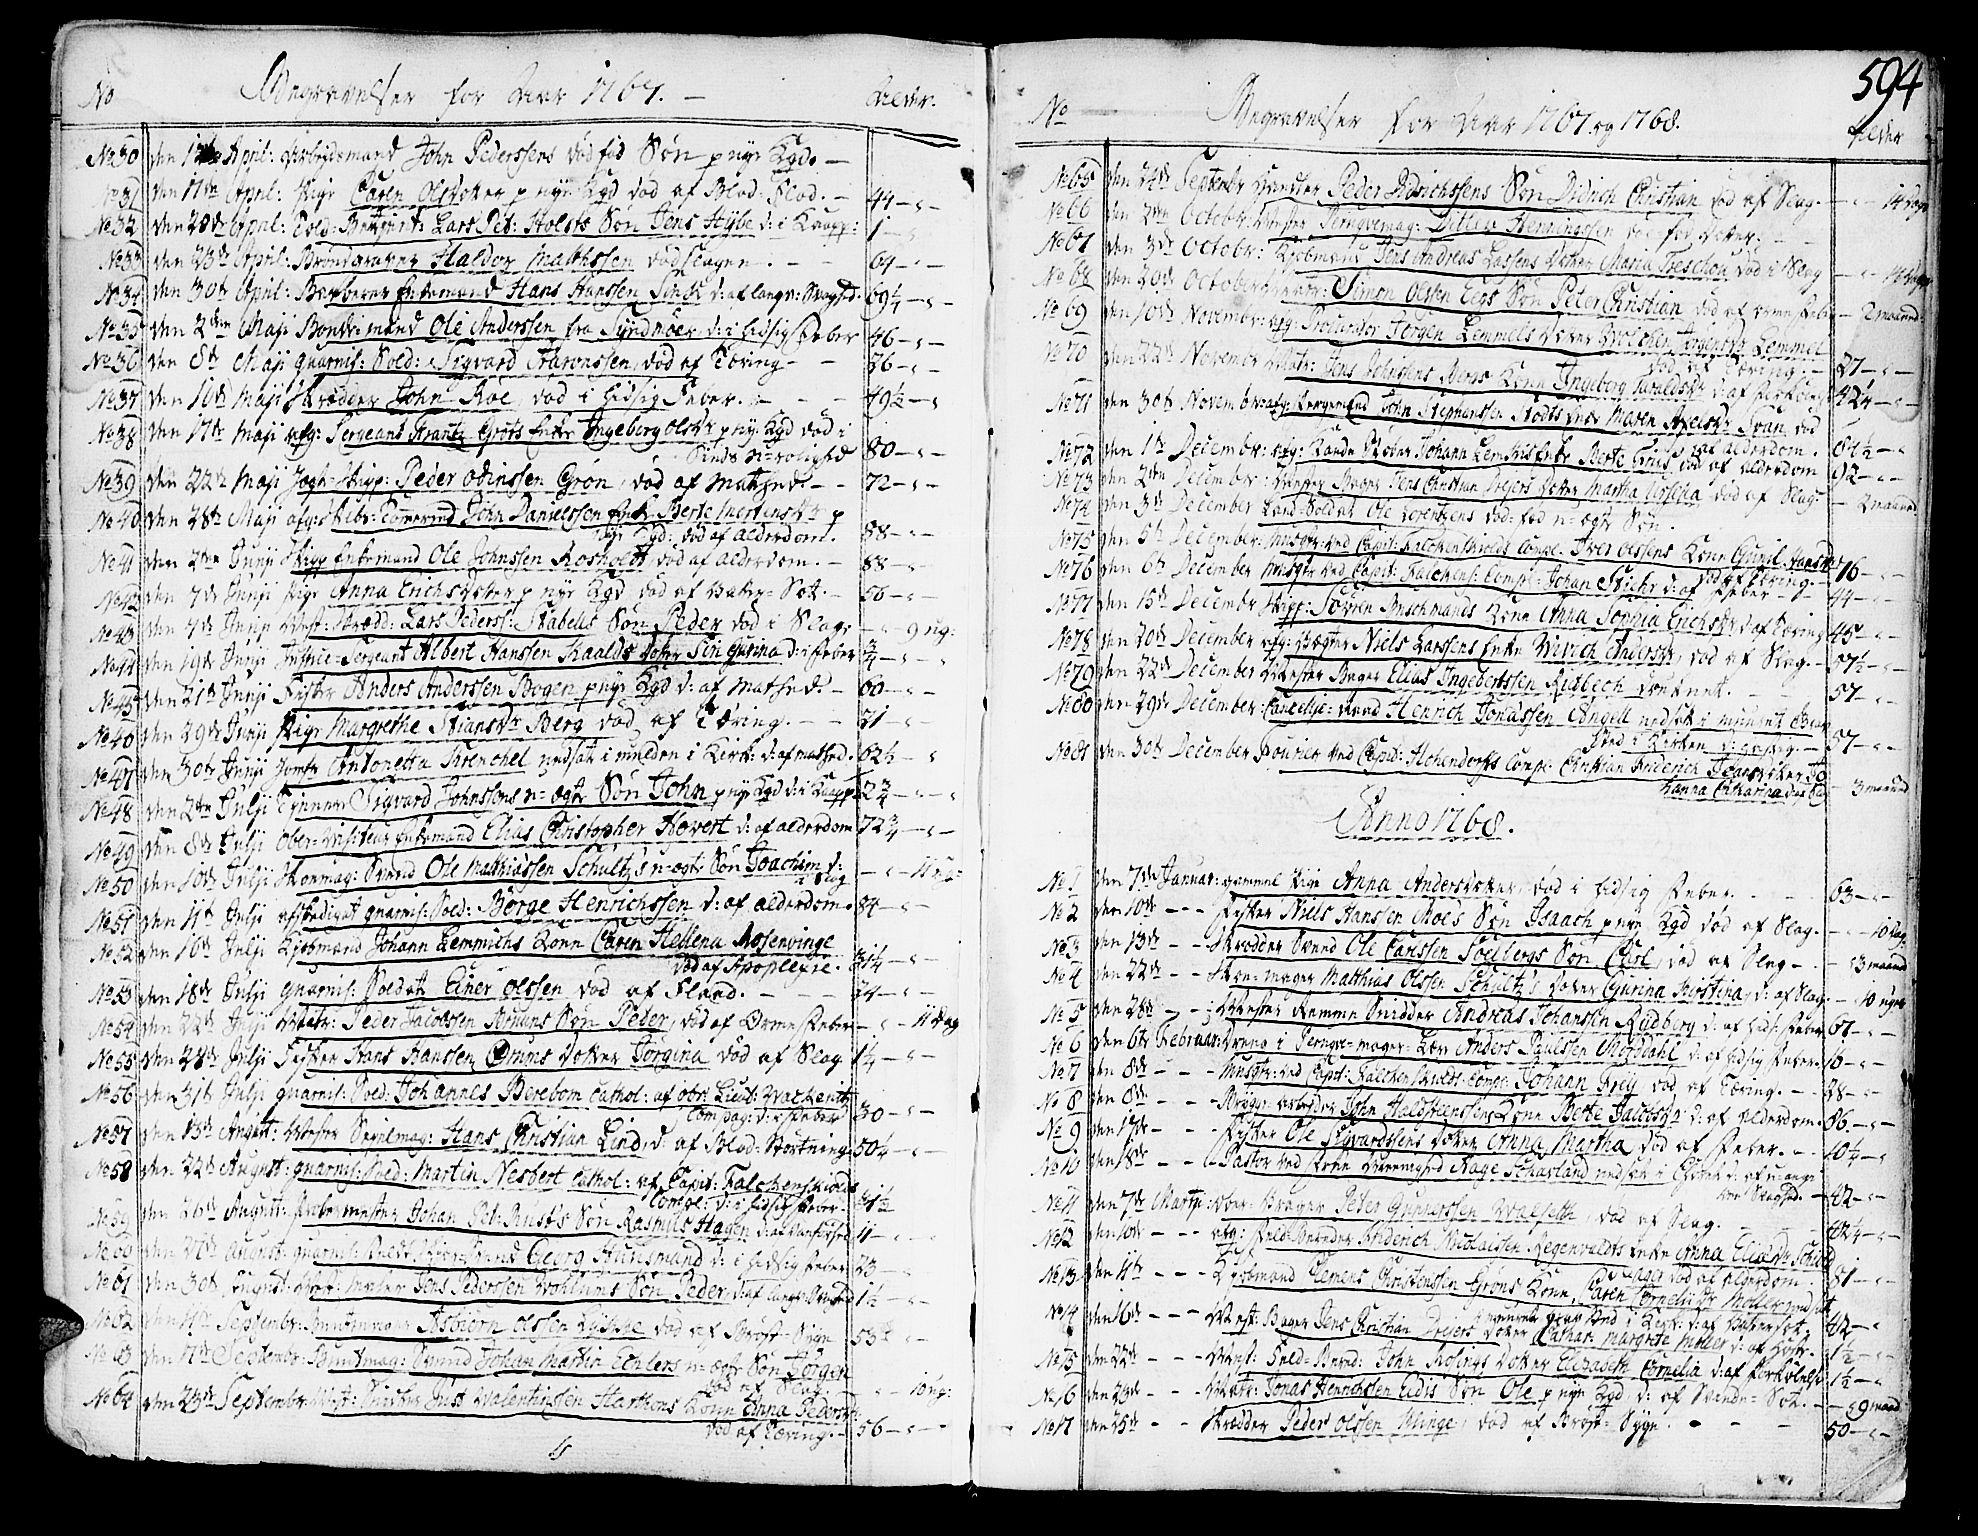 SAT, Ministerialprotokoller, klokkerbøker og fødselsregistre - Sør-Trøndelag, 602/L0103: Ministerialbok nr. 602A01, 1732-1774, s. 594